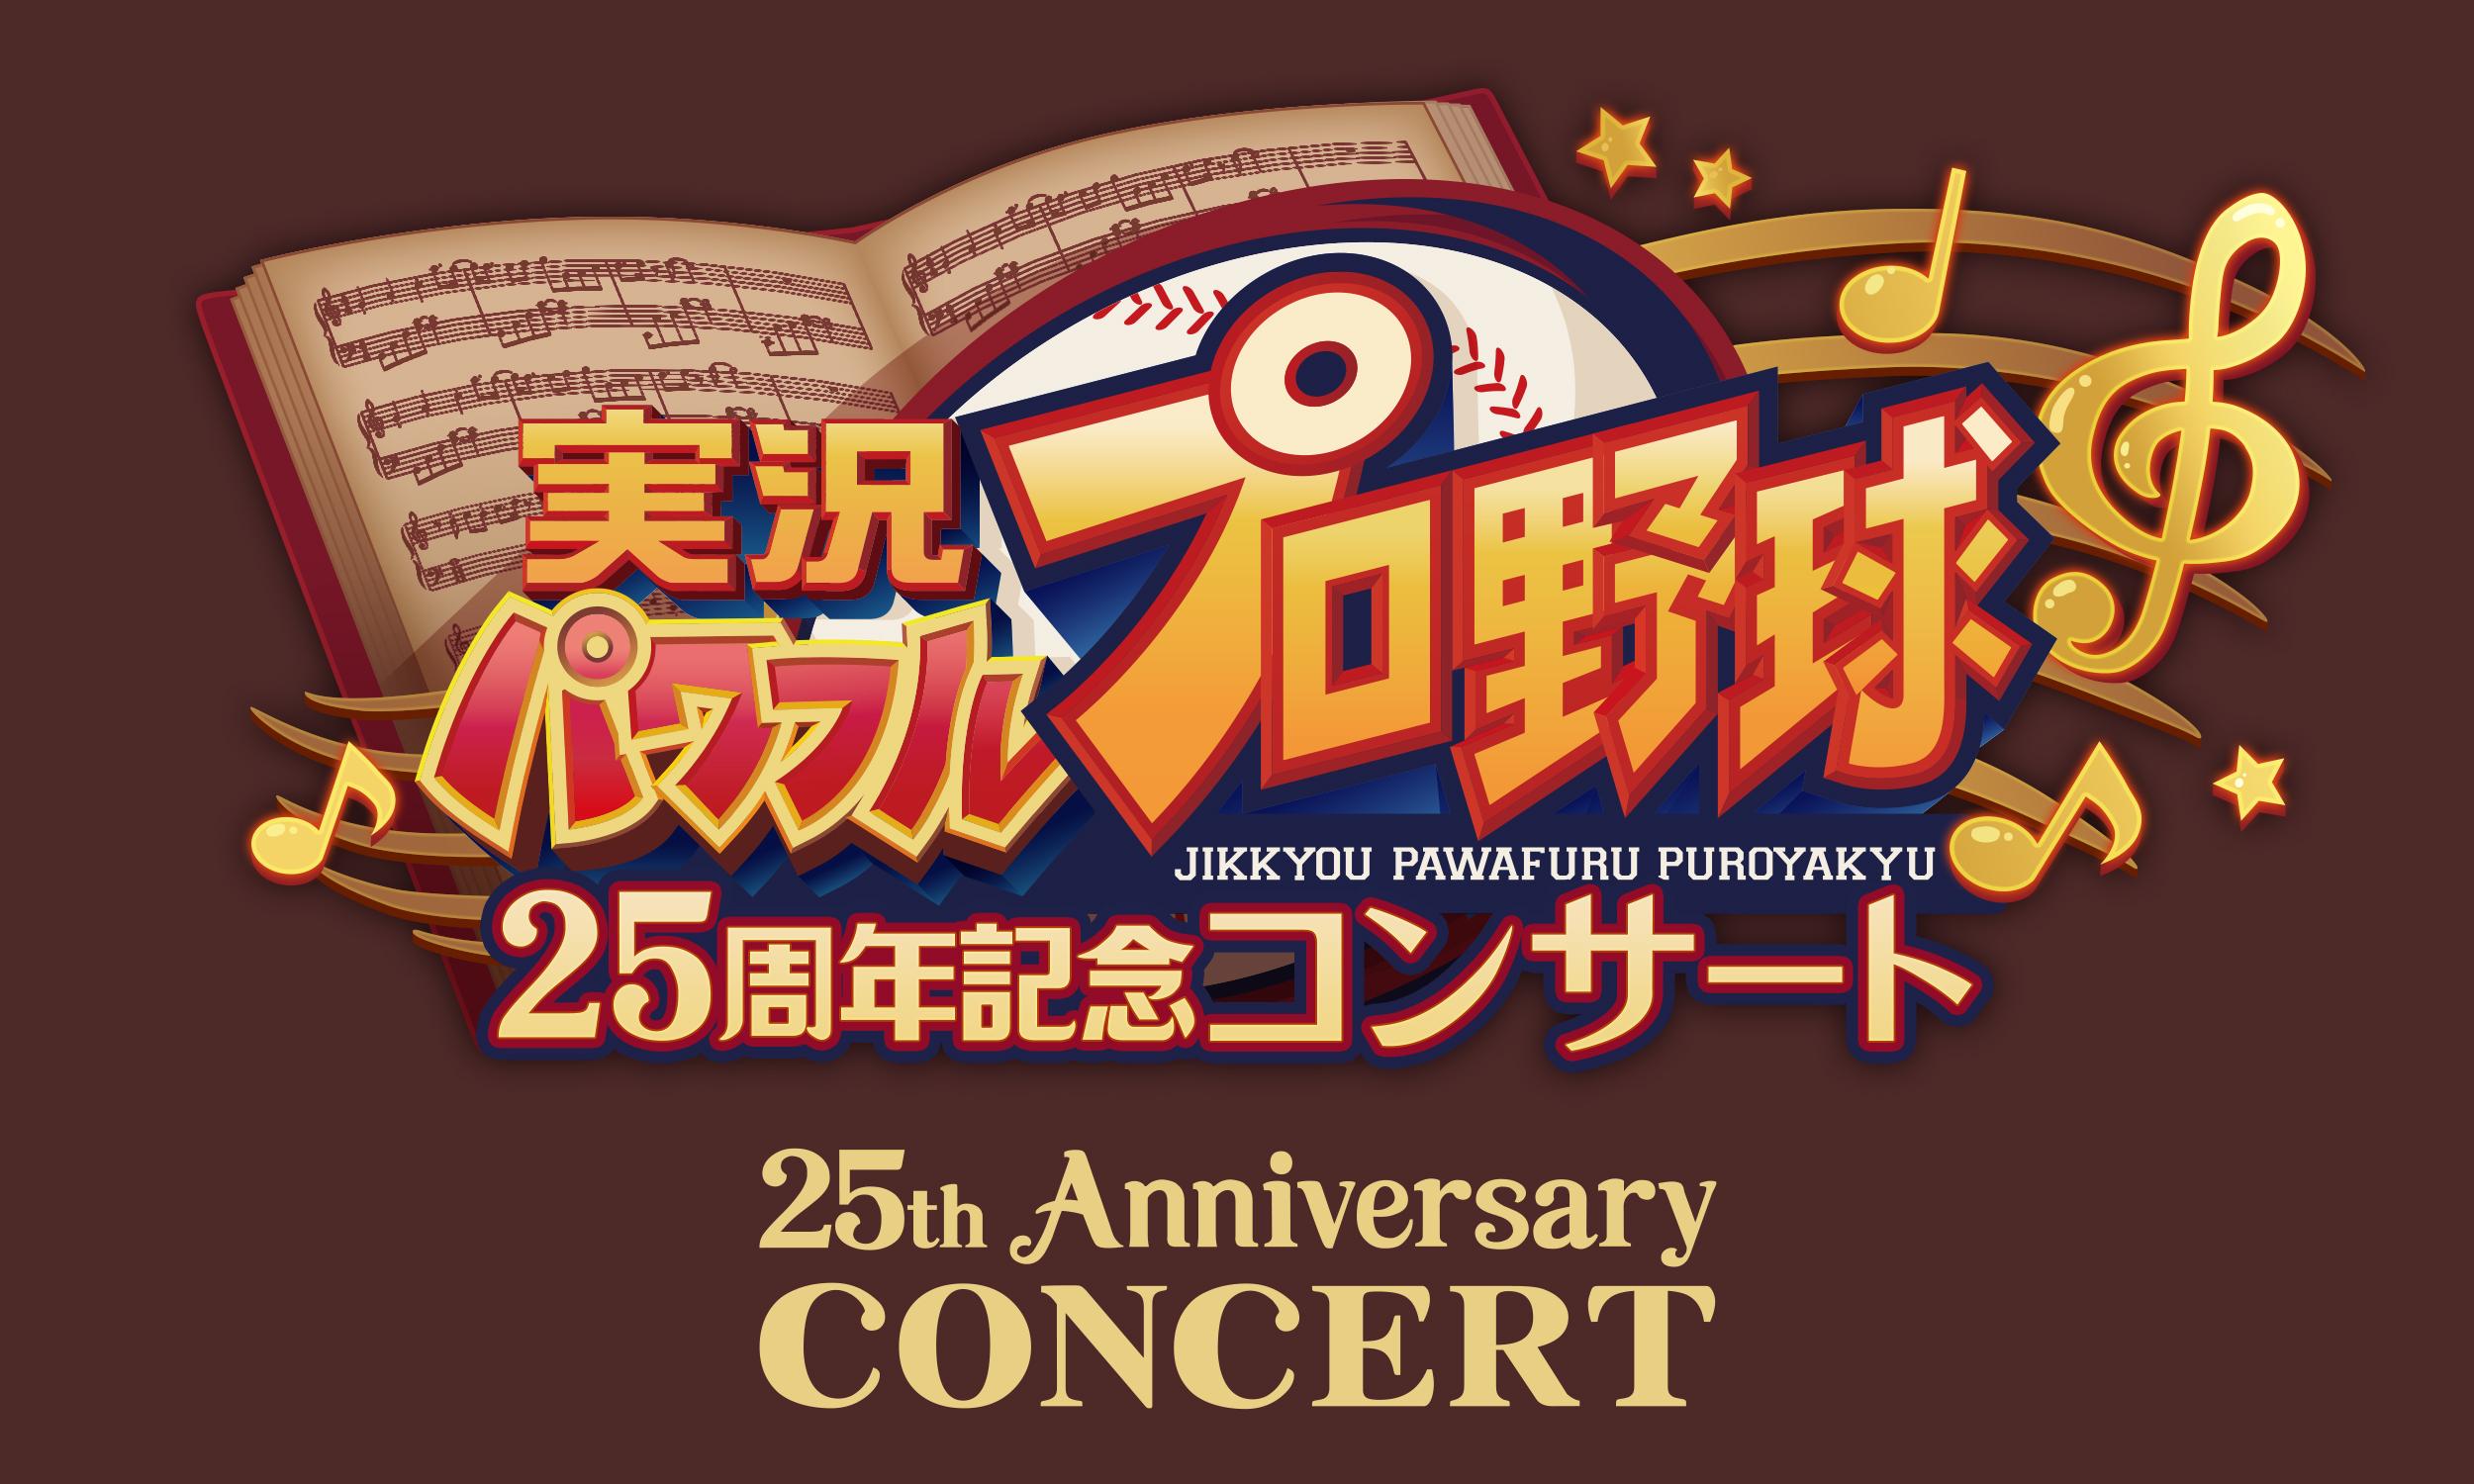 実況パワフルプロ野球 25 周年コンサート